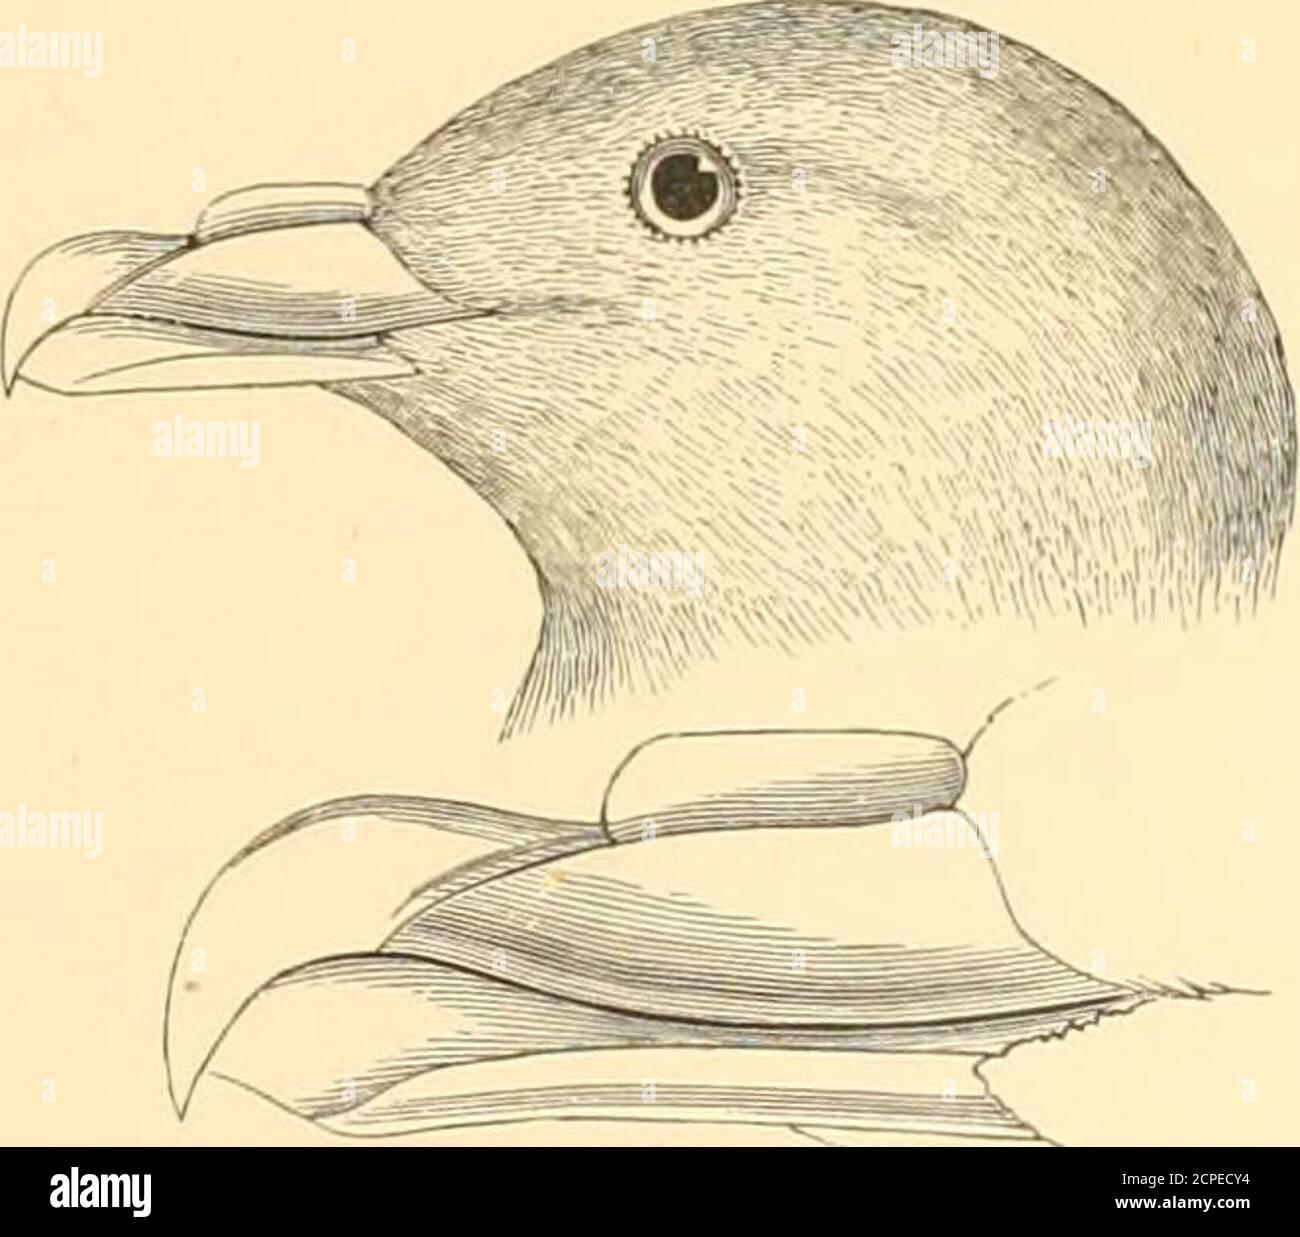 . Las aves acuáticas de América del Norte . F. glacialis : fase de luz. F. glacialis Rodgersi. Son de un apreciablemente, y en una mayoría decididamente, más azulado o gris nacarado que los del Pacífico Norte, y tienen, sin excepción, un espacio oscuro inmediatamente delante del ojo.no uno de los tres especímenes adultos muestra ningún blanco en las alas. En todos los especímenes del Pacífico Norte el gris es mucho más oscuro, de un tono más ahumado; algunos no tienen rastro de oscuro en el ojo, mientras que otros tienen una mayor o menos cantidad de blanco en el ala; el tipo de 368 LOS NADADORES DE PUNTA TUBULAR — TUBINARES. F. R Foto de stock